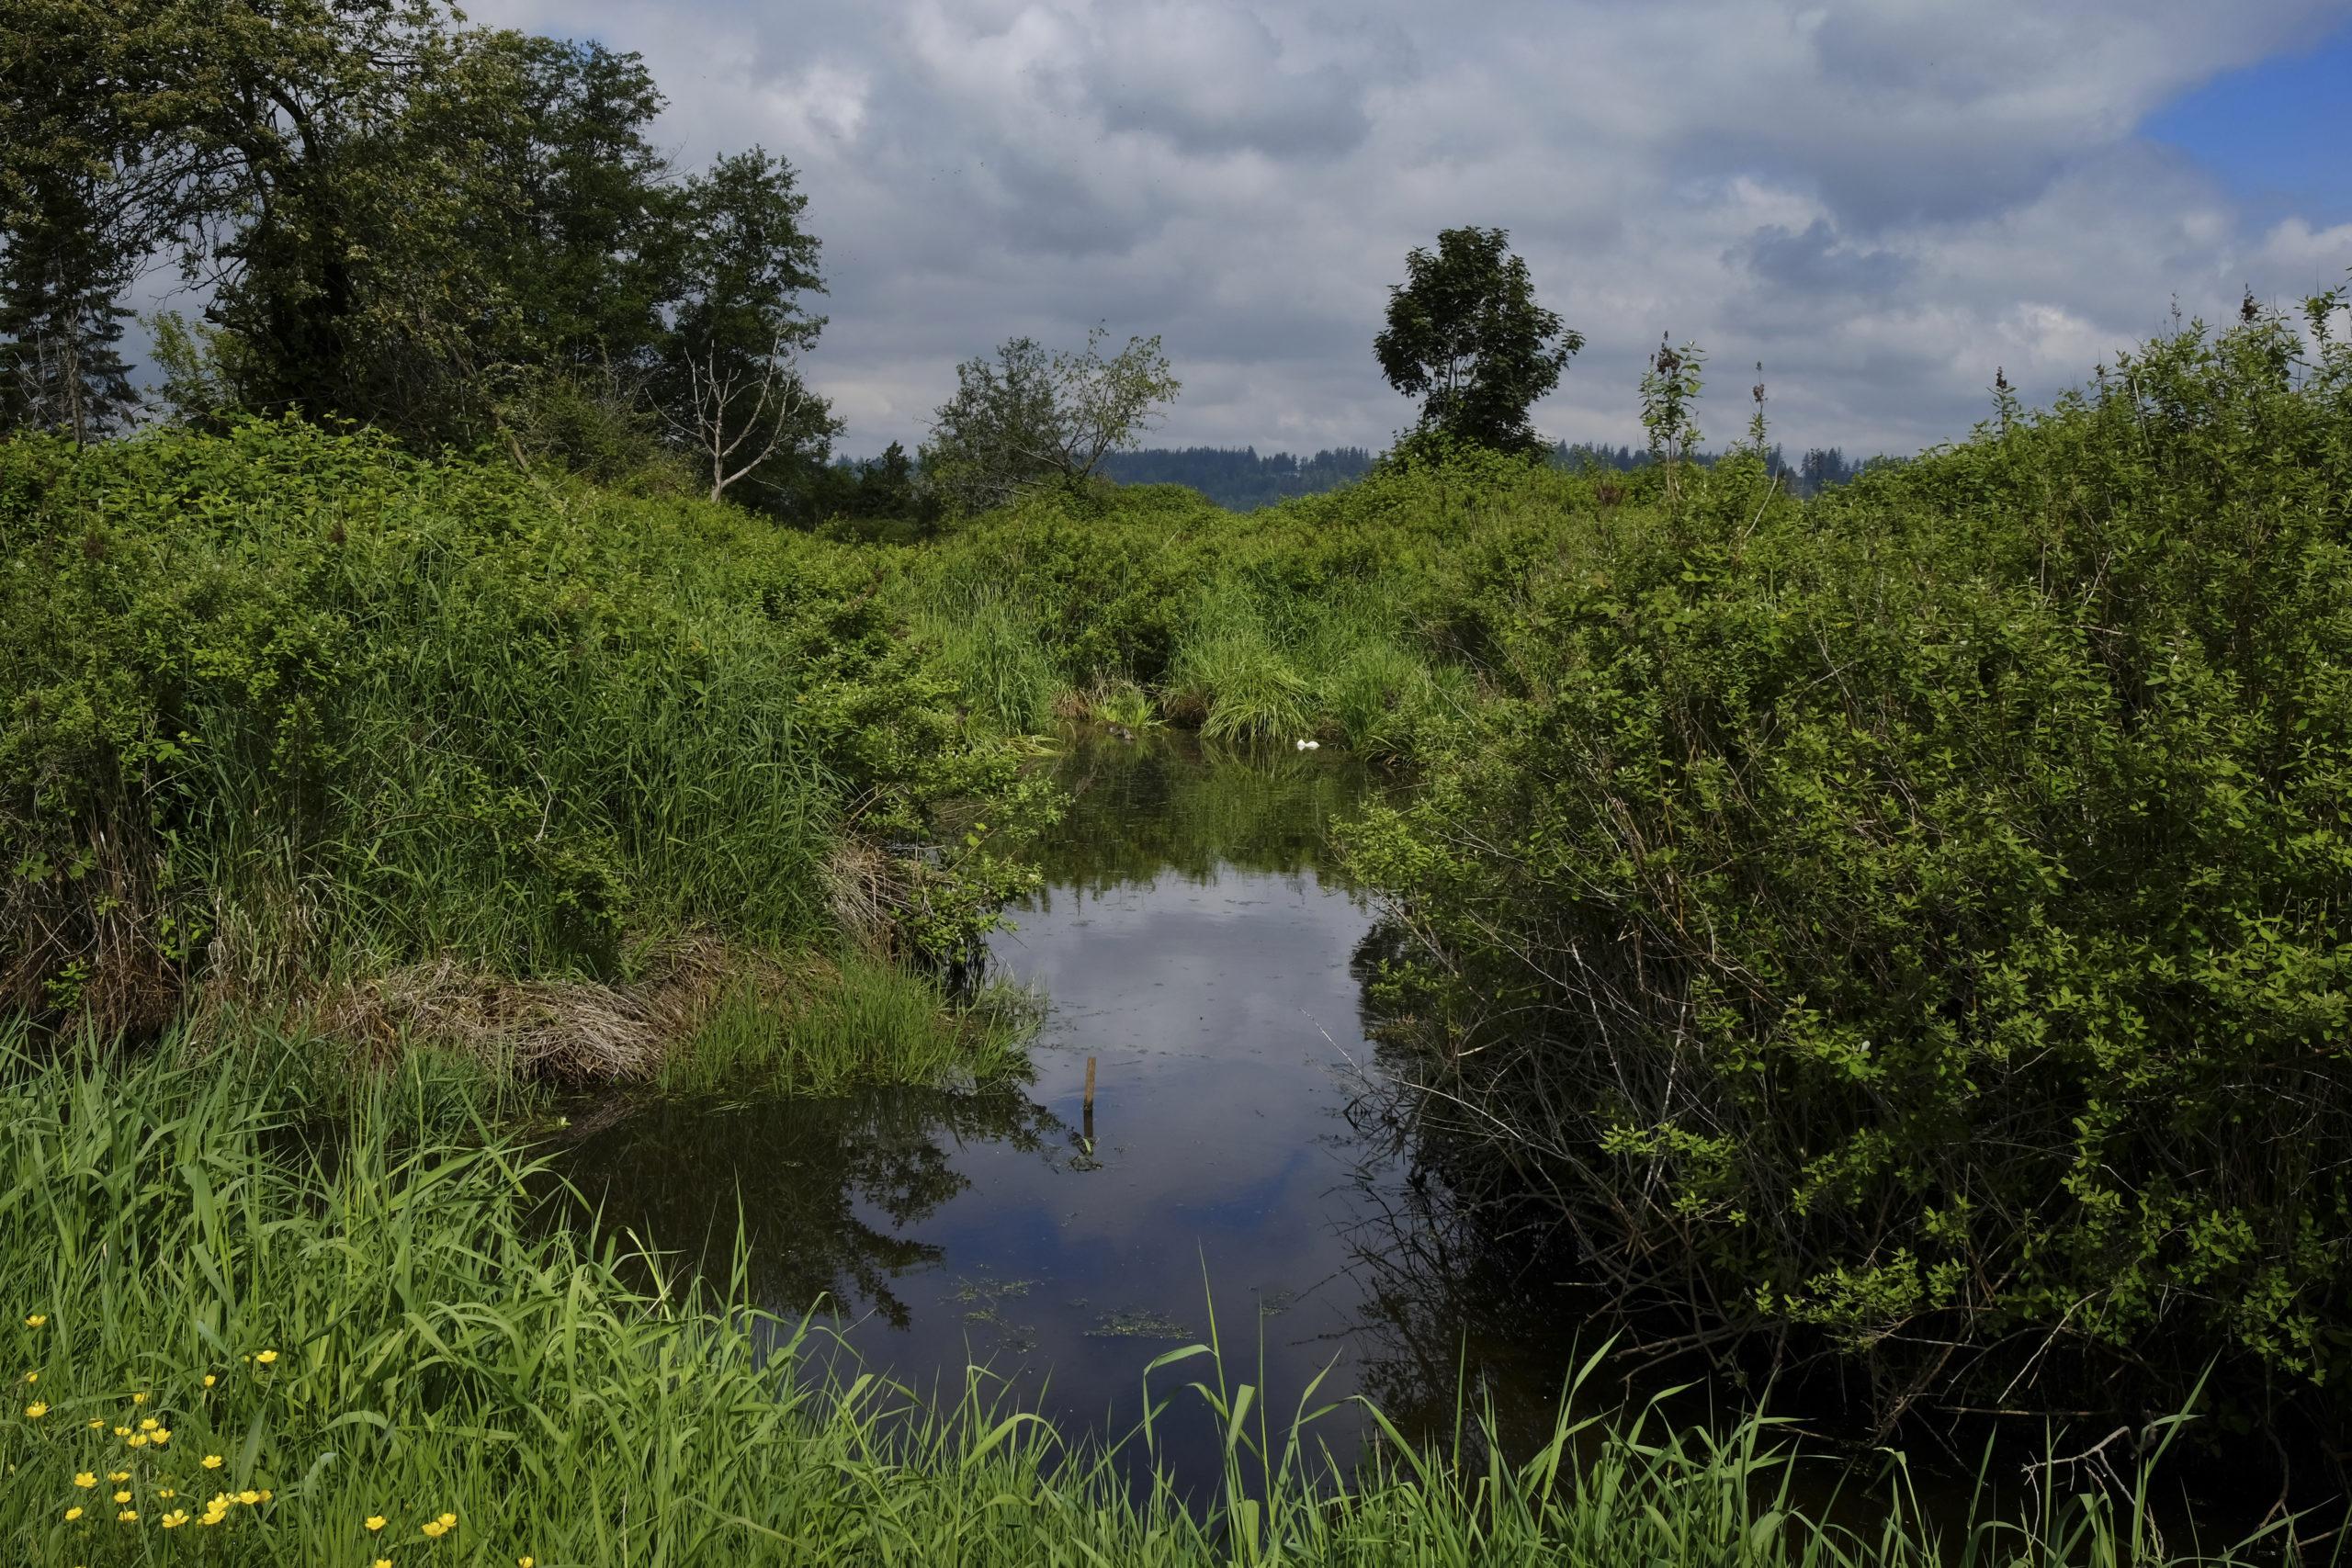 Boundary bay marshland